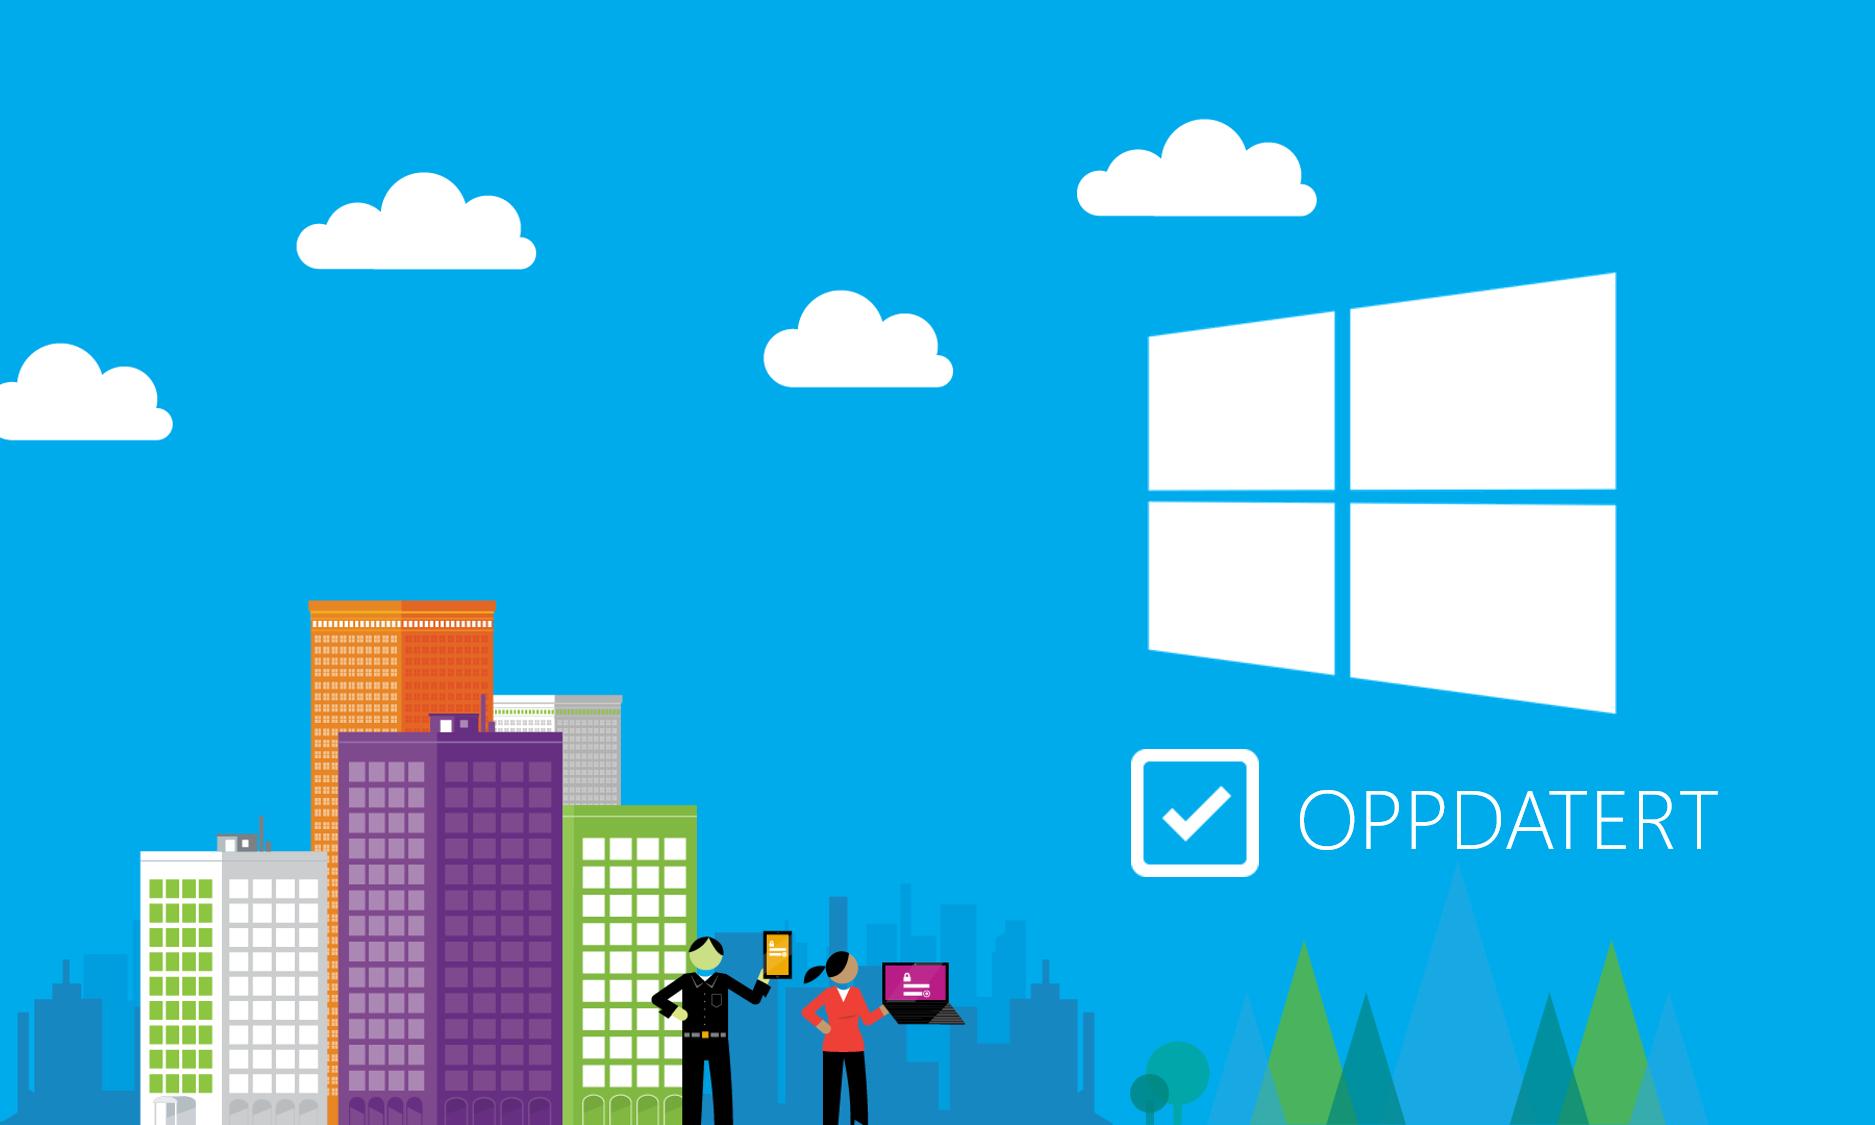 windows10oppdatering-1